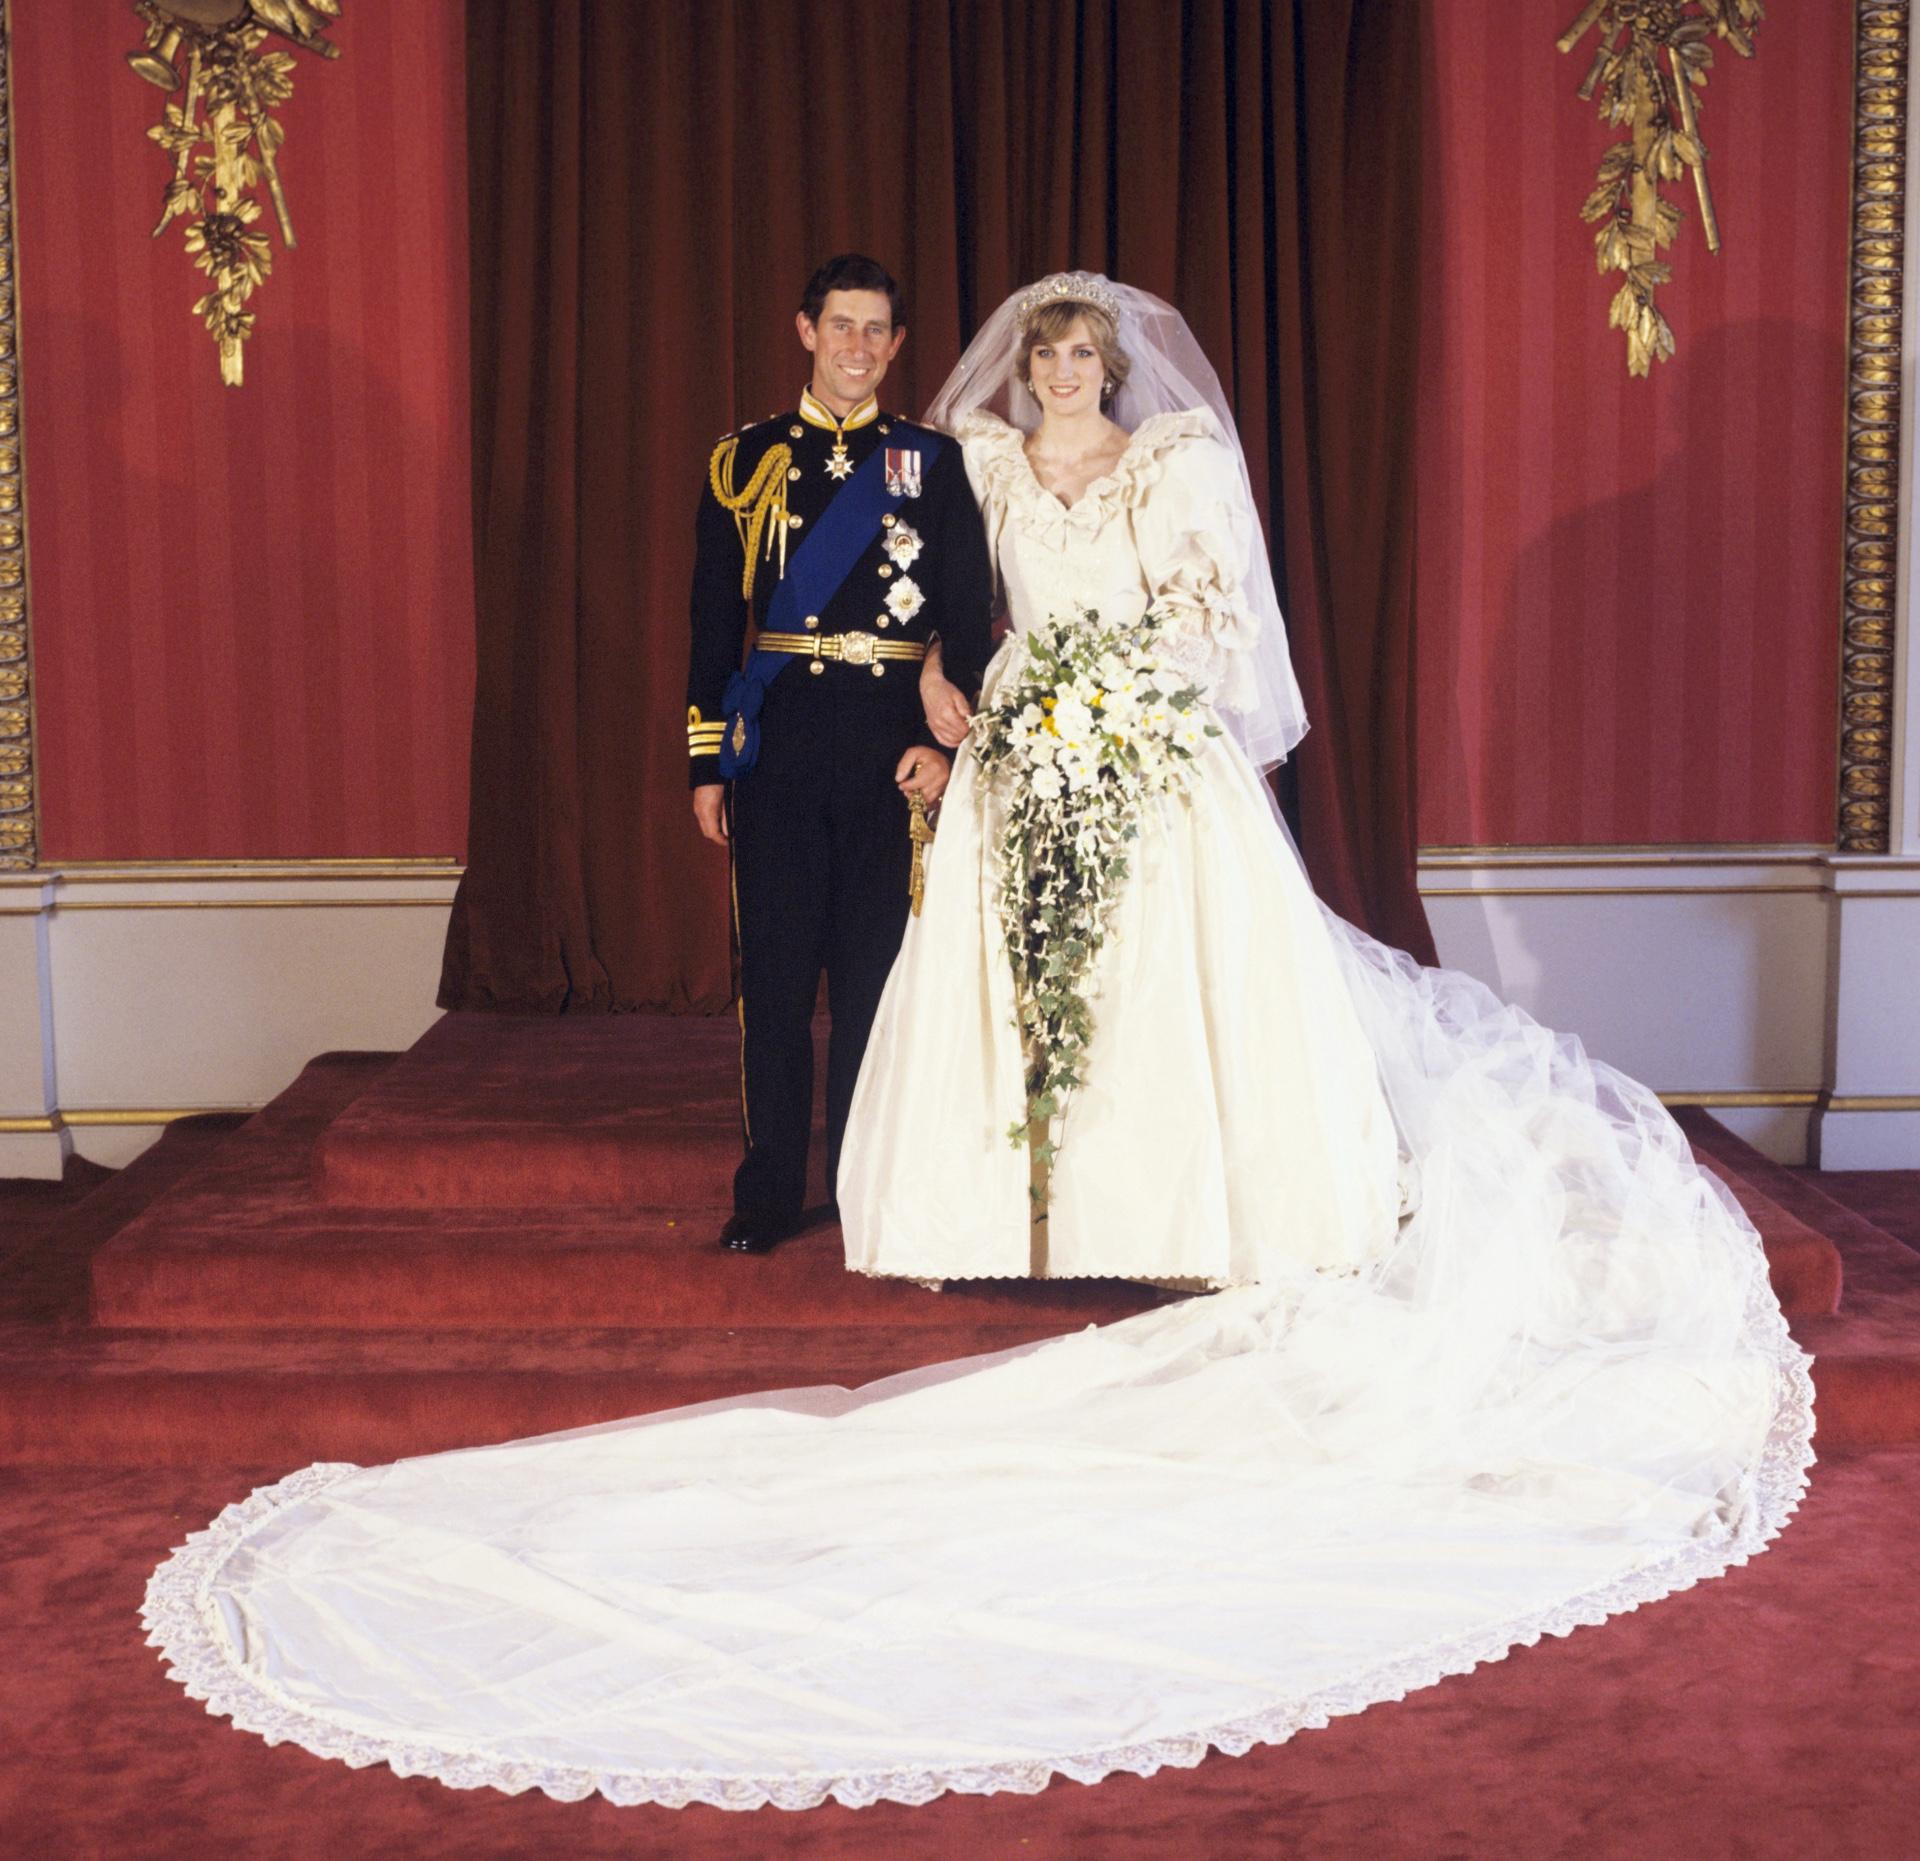 Le Prince Charles et la Princesse Diana le jour de leur mariage.